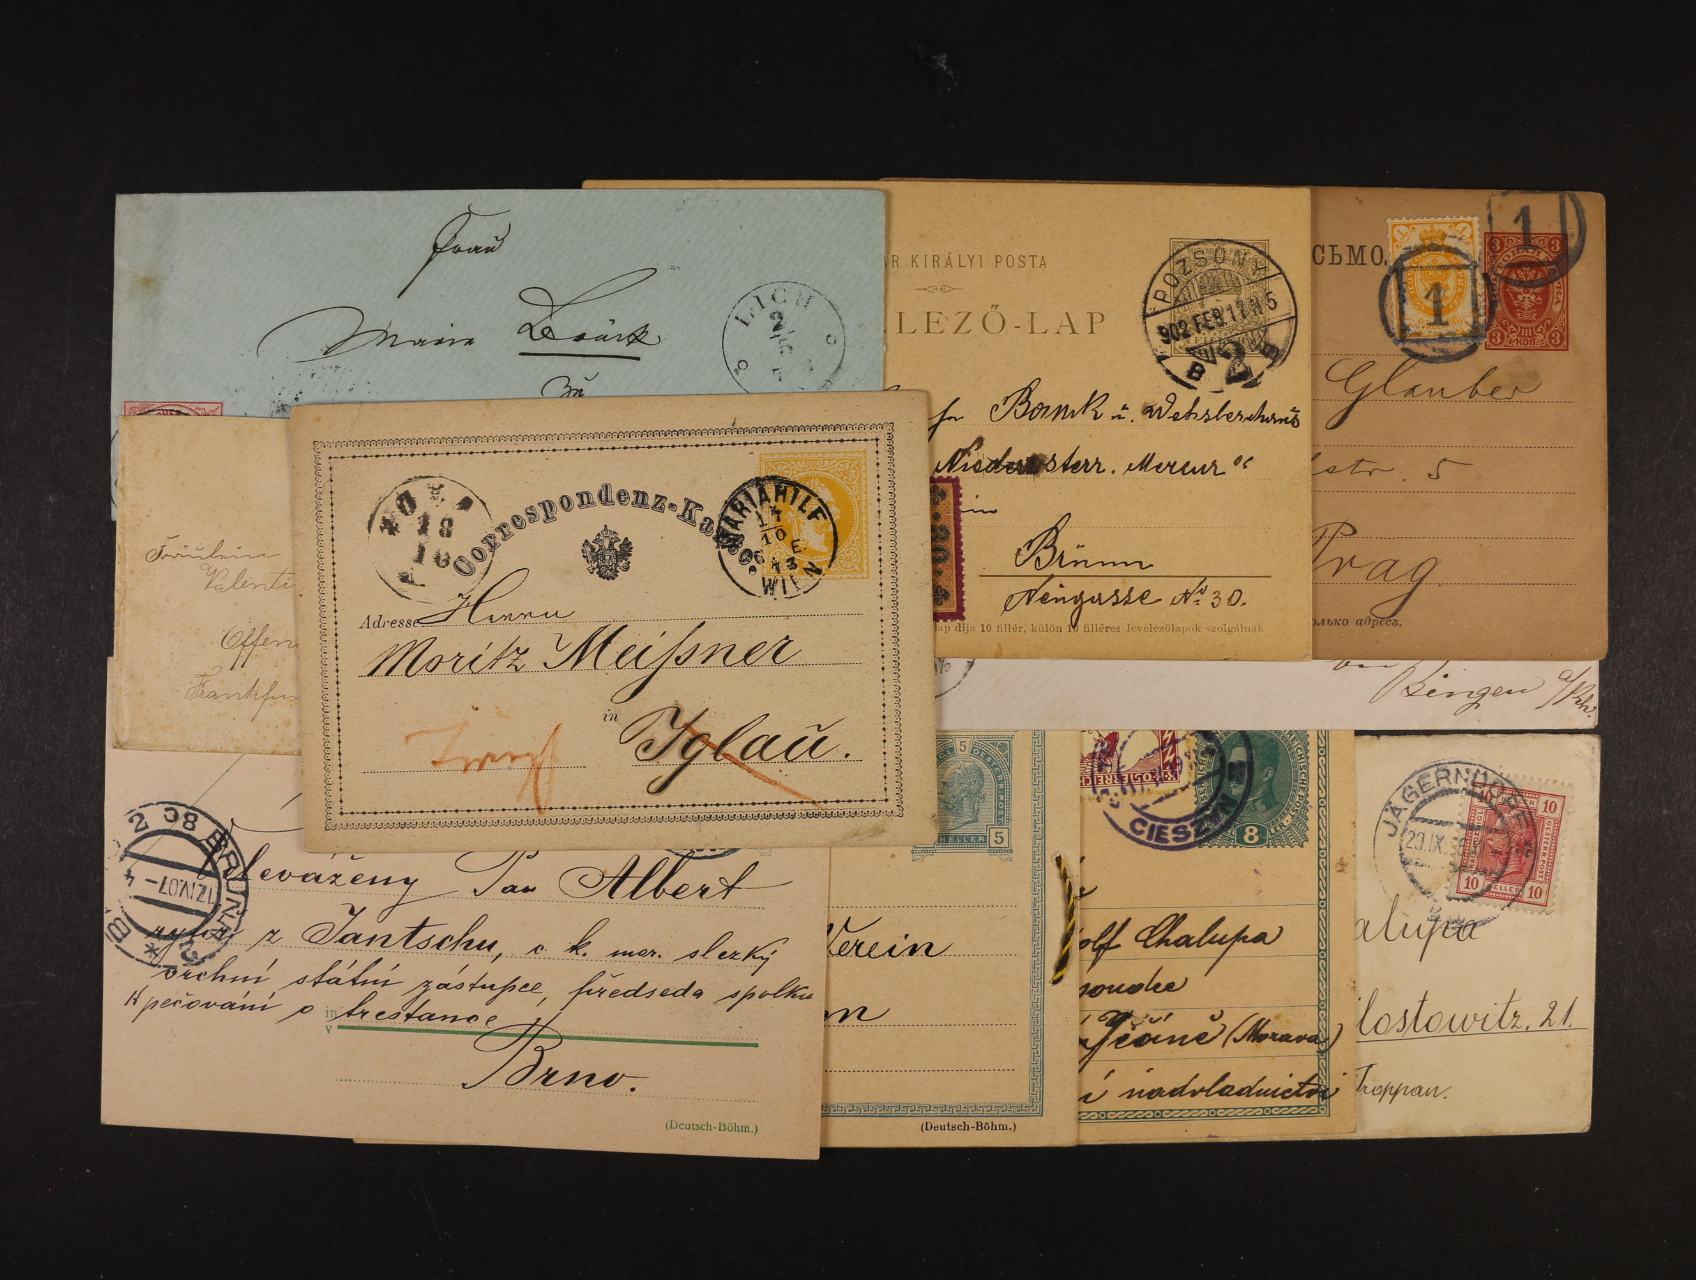 sestava cca 80 ks různých celin a celistvostí z celého světa z let 1870 - 1940, převážně použitých, zajímavé frankatury, razítka, k prohlédnutí